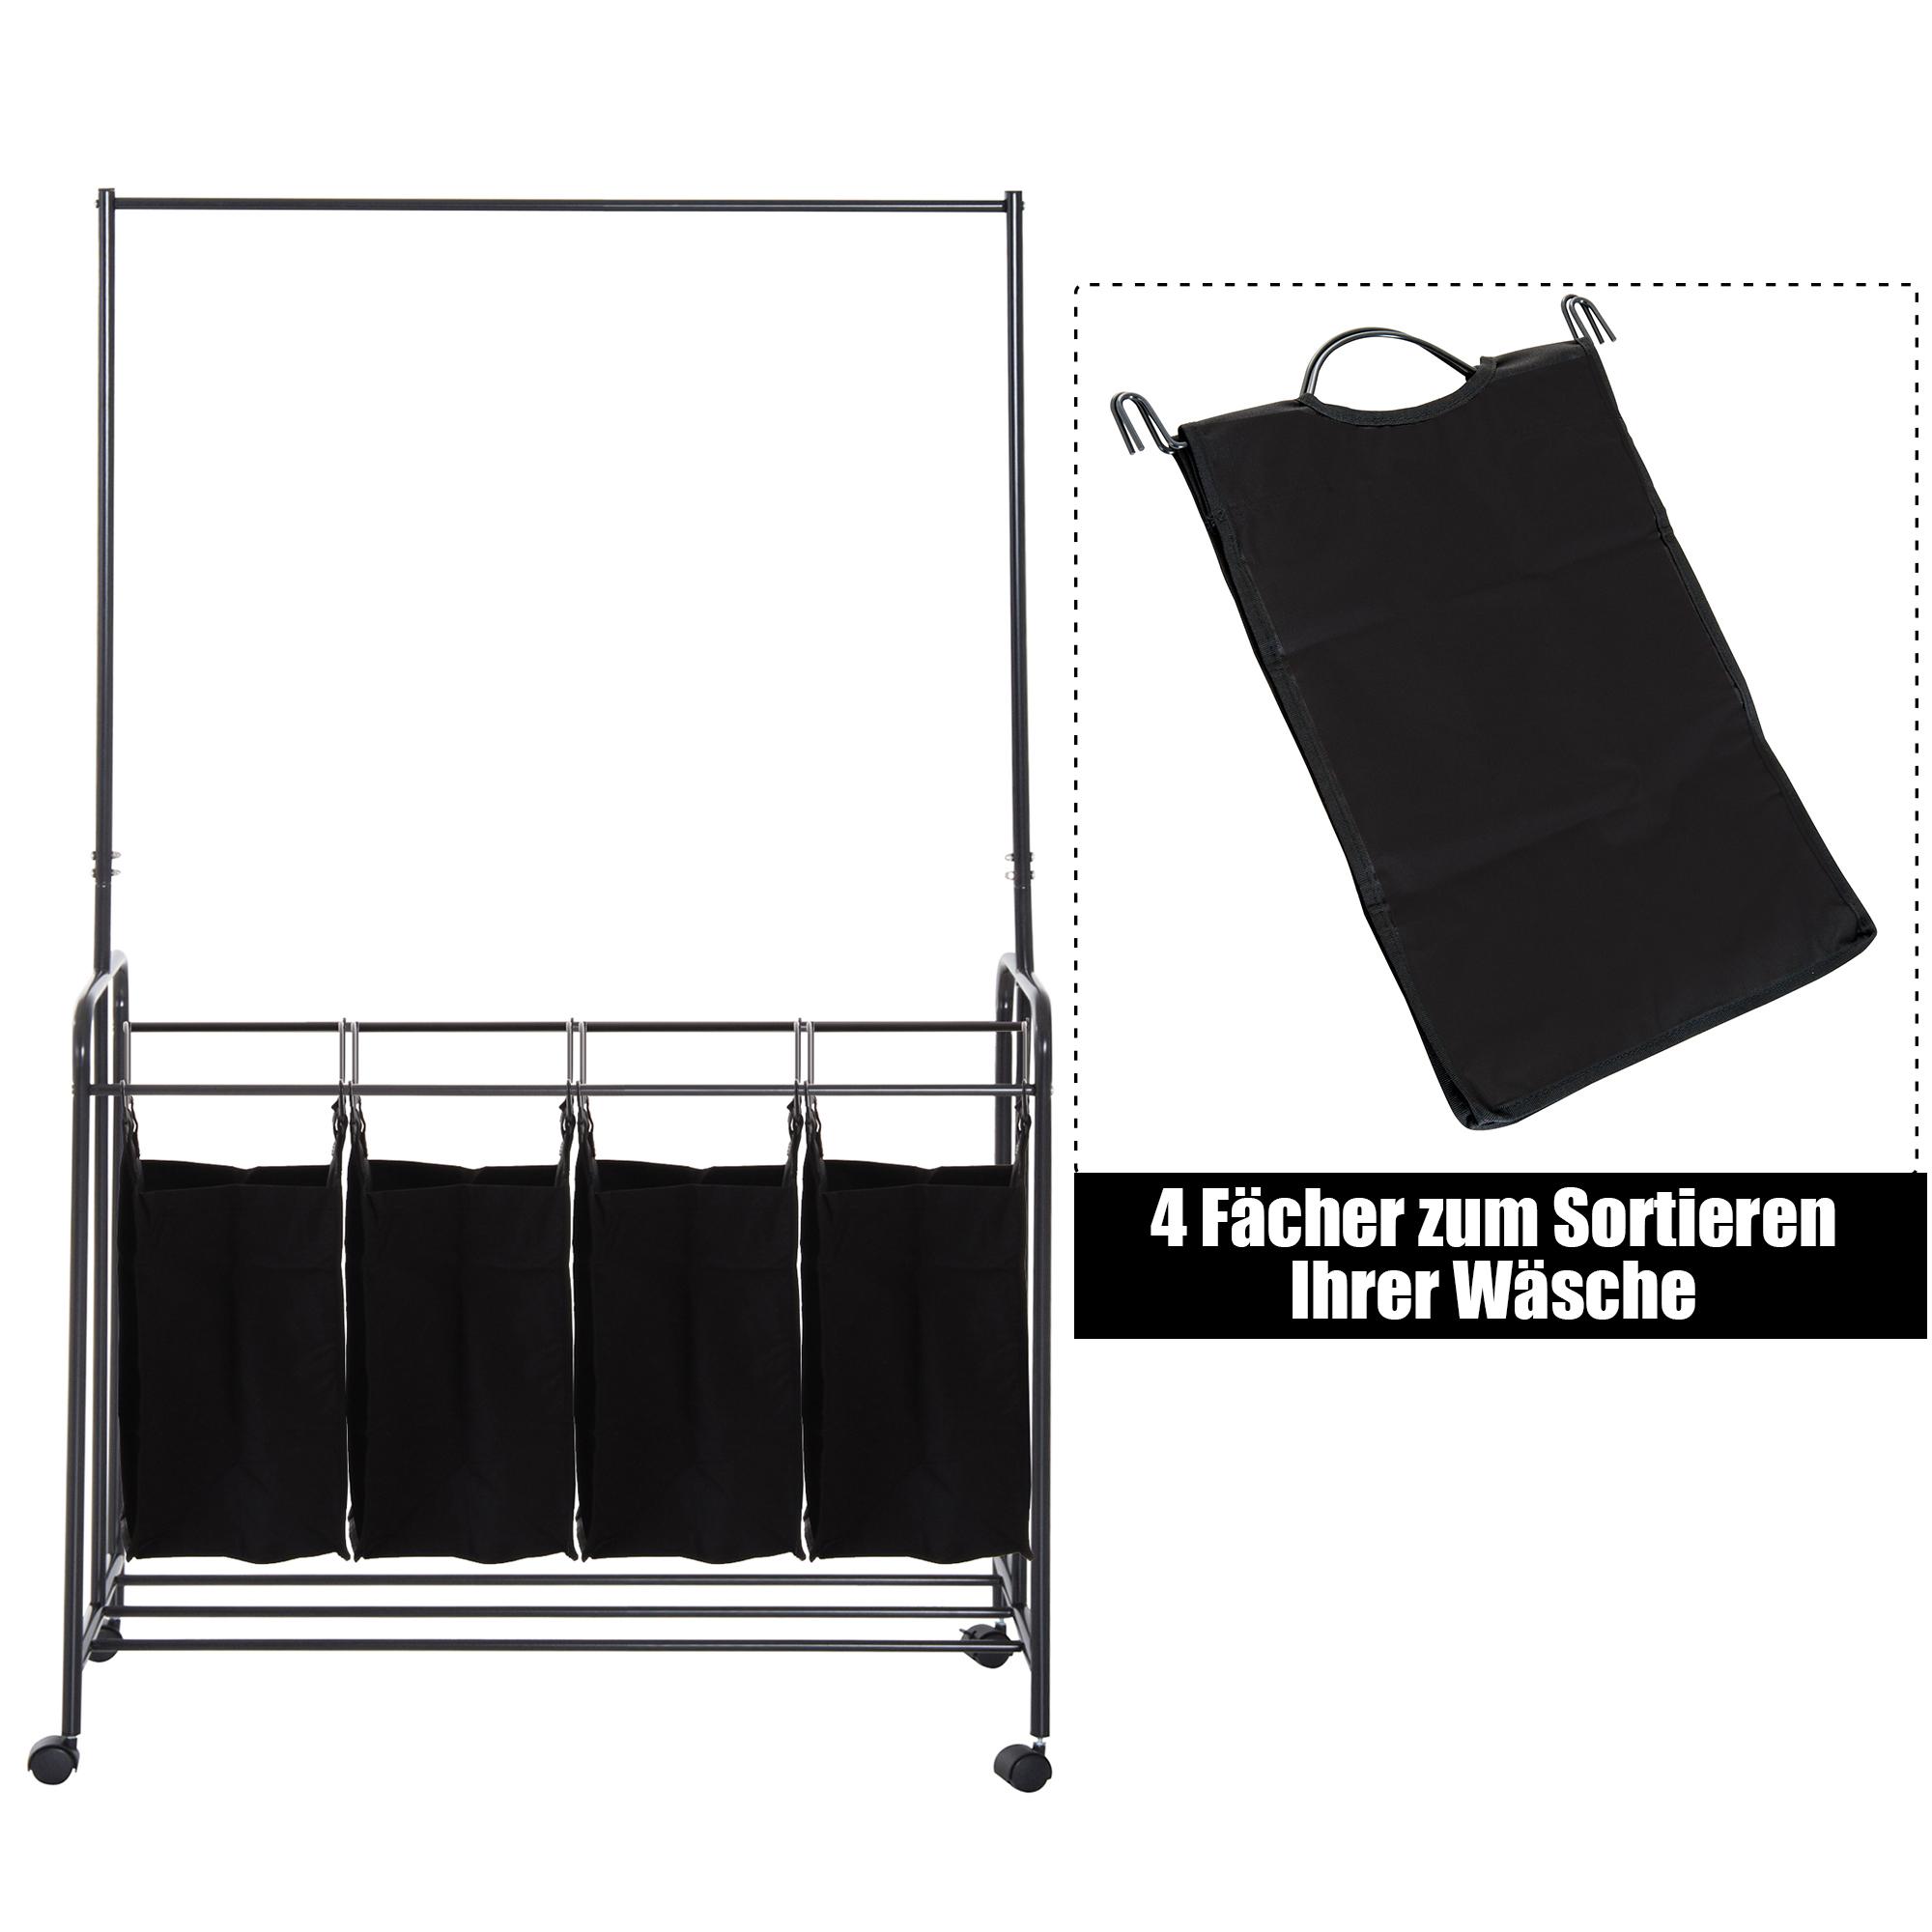 Vlies   Tür Türfototapeten Tapete 15F0119000 3D-Schwarz-Weiss-Wirbel Abstraktion